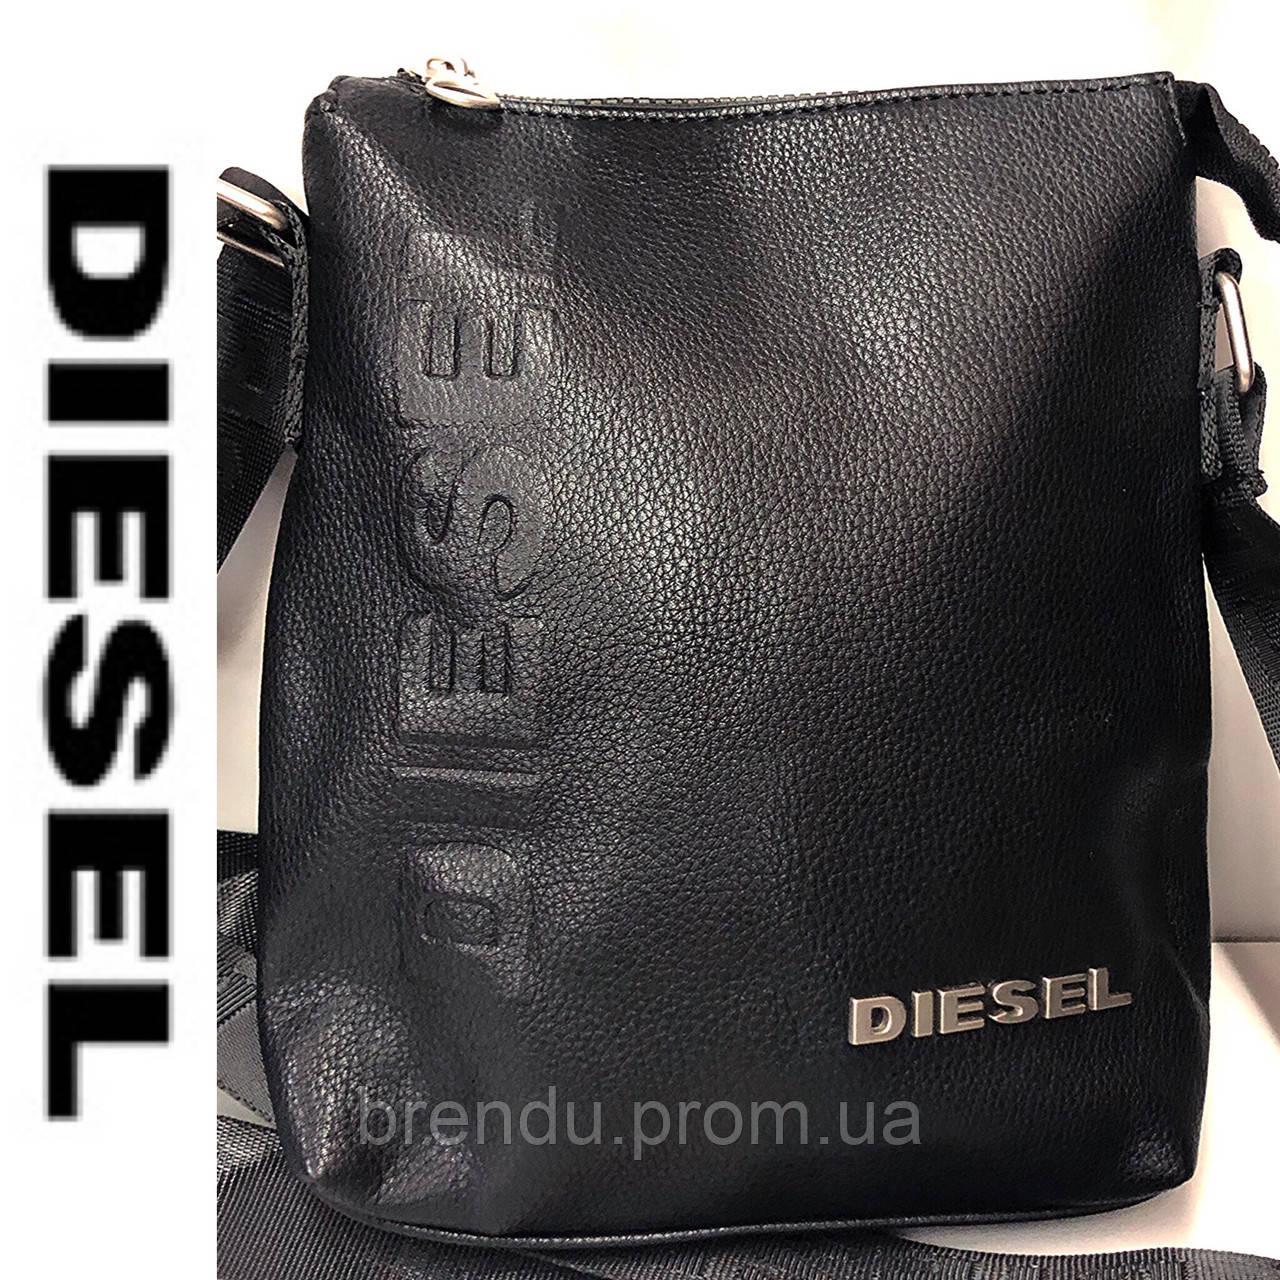 a2a3d6ccc7c9 Сумка Diesel: продажа, цена в Киеве. мужские сумки и барсетки от